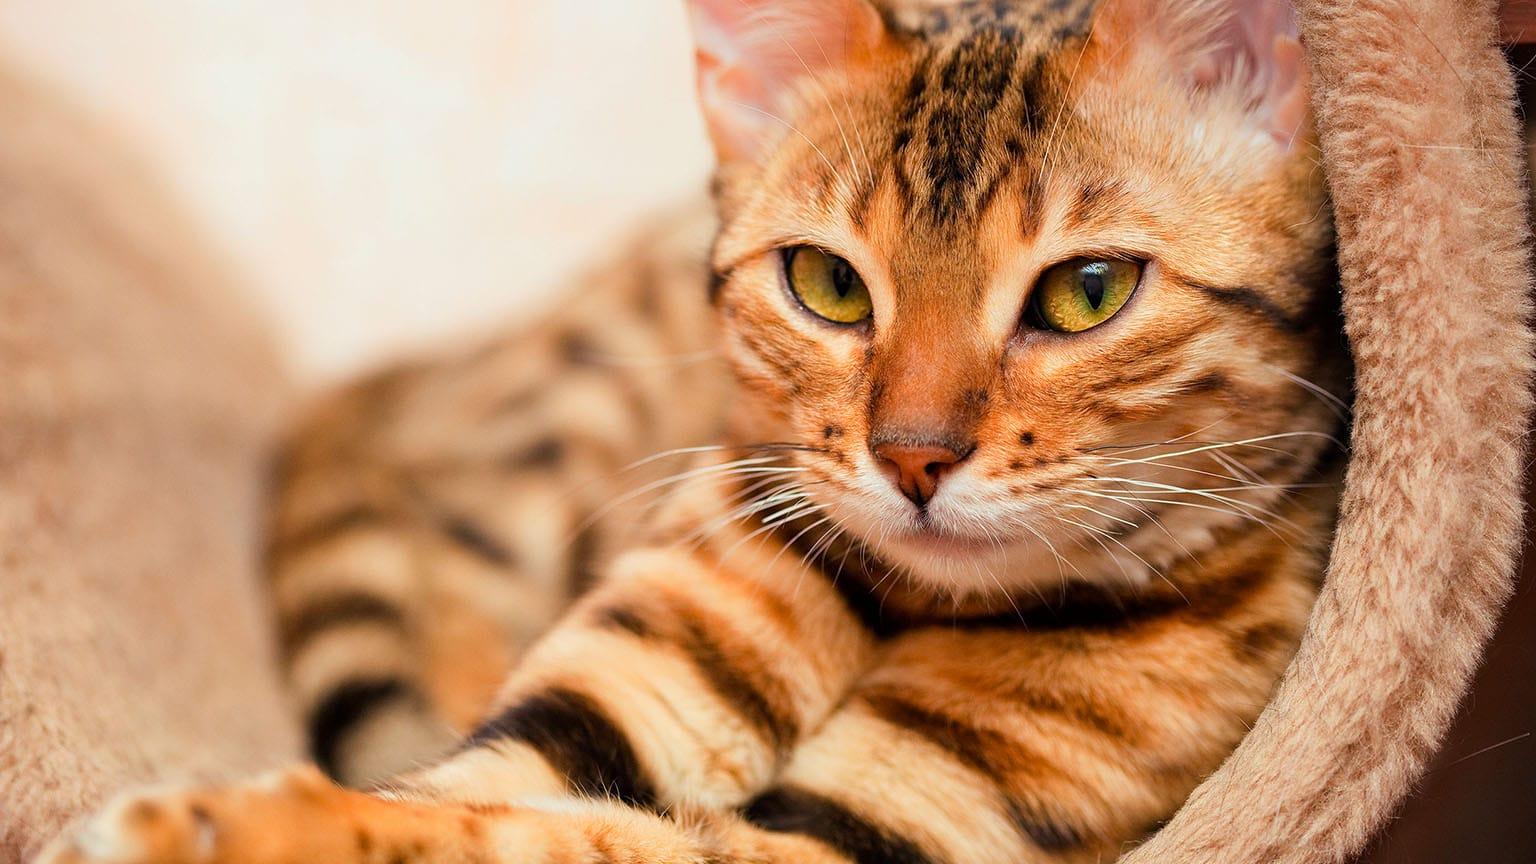 gato piel pienso